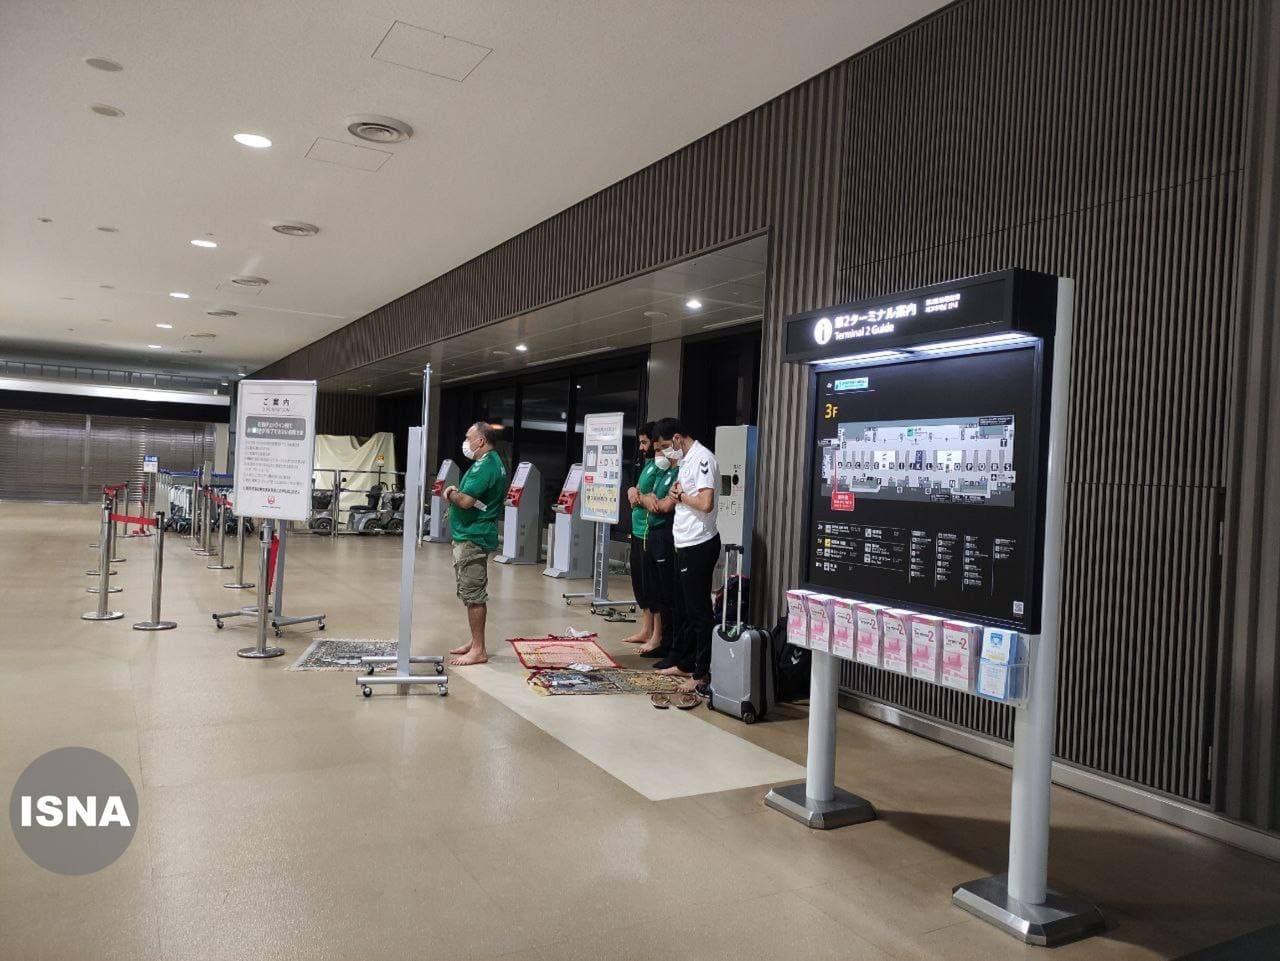 حرکت زیبای ورزشکاران الجزایری در فرودگاه توکیو + عکس